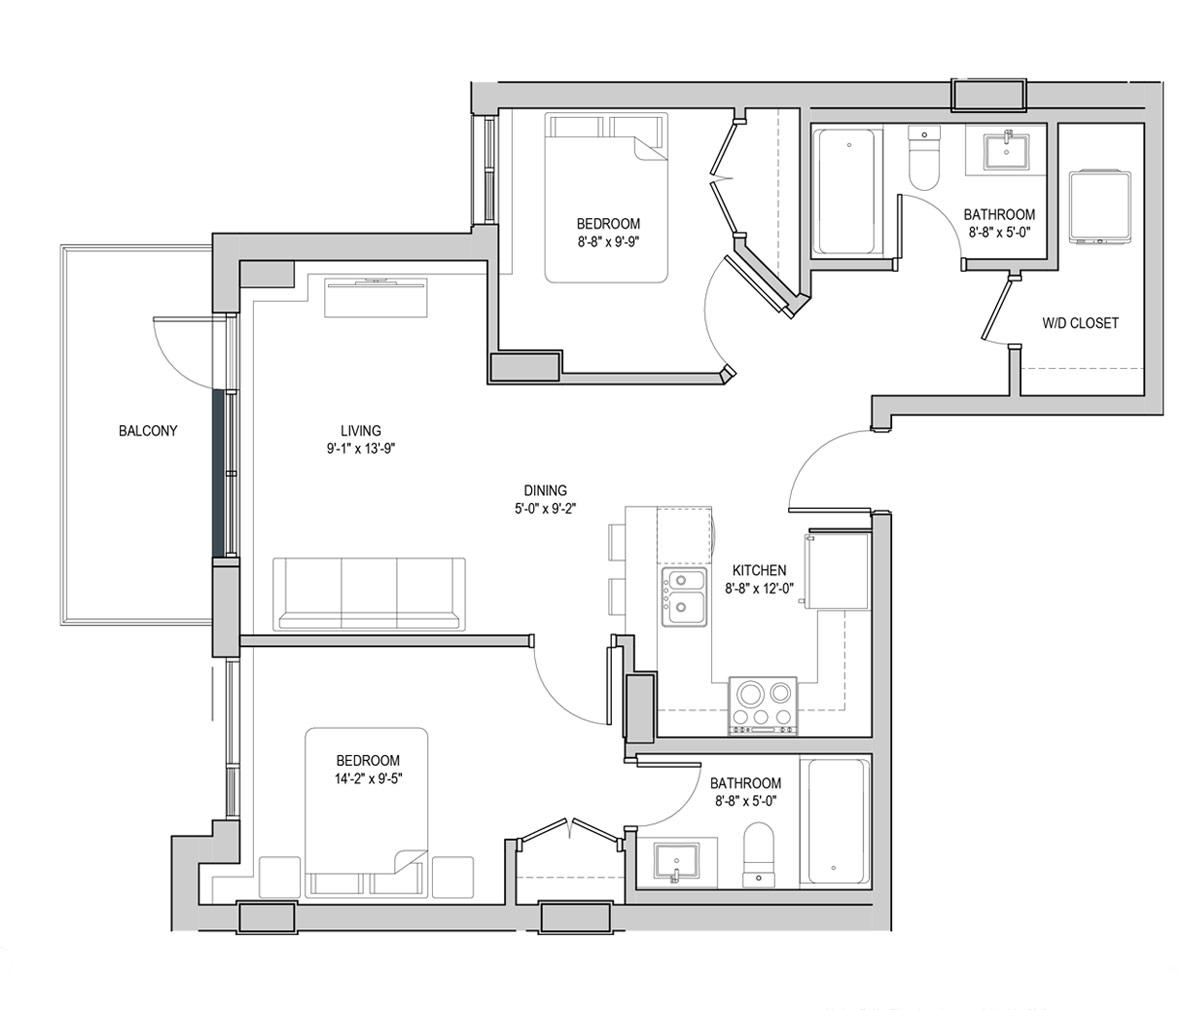 121-west-2-bed-b2-12.jpg